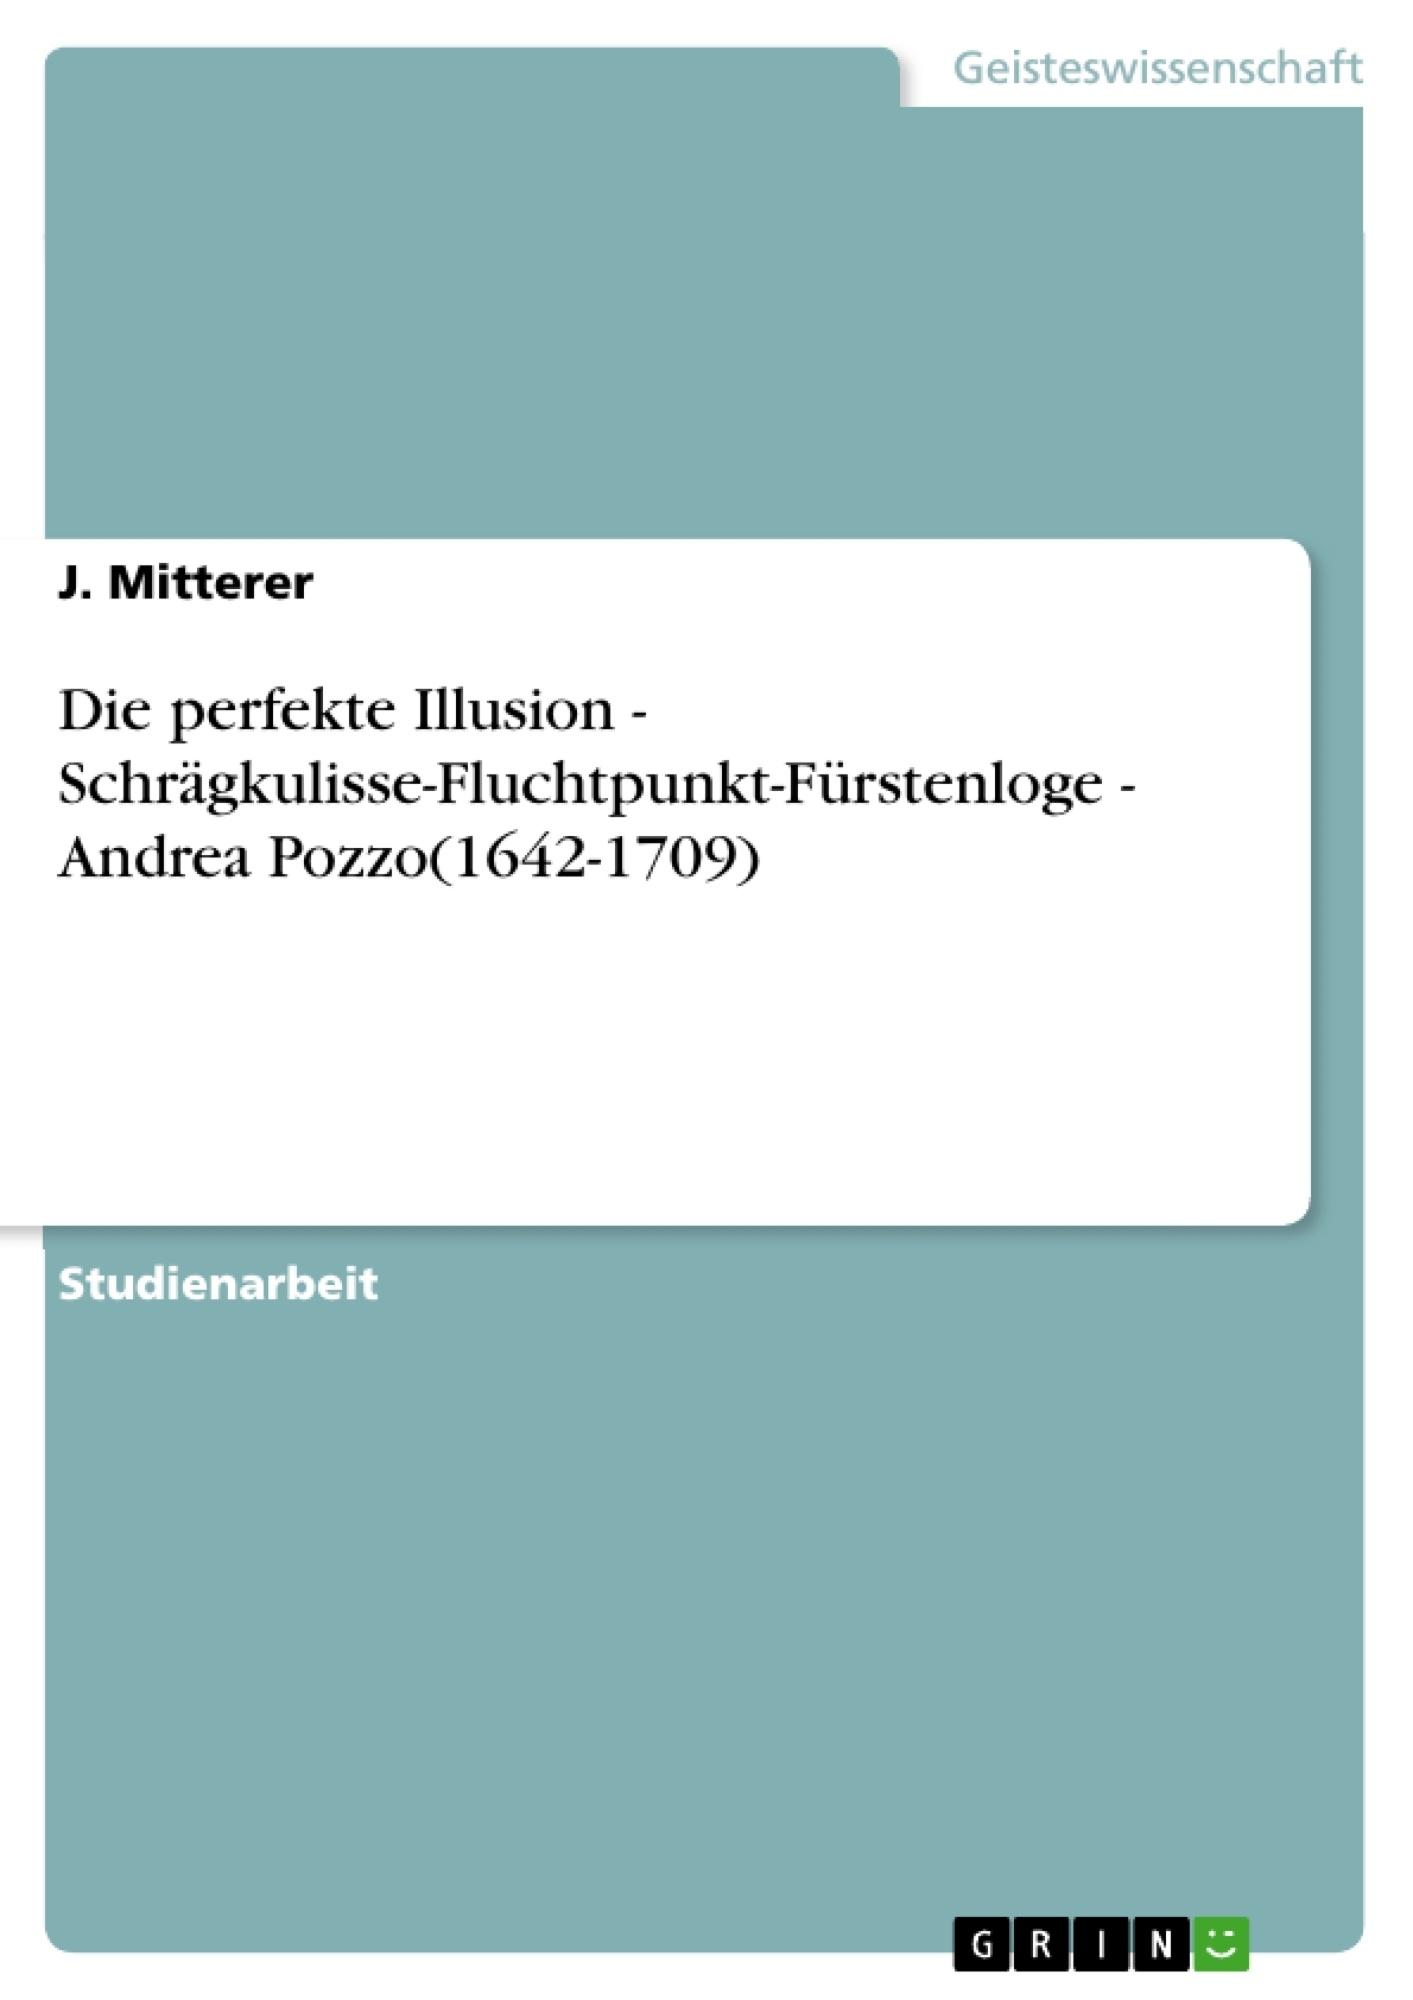 Titel: Die perfekte Illusion - Schrägkulisse-Fluchtpunkt-Fürstenloge - Andrea Pozzo(1642-1709)